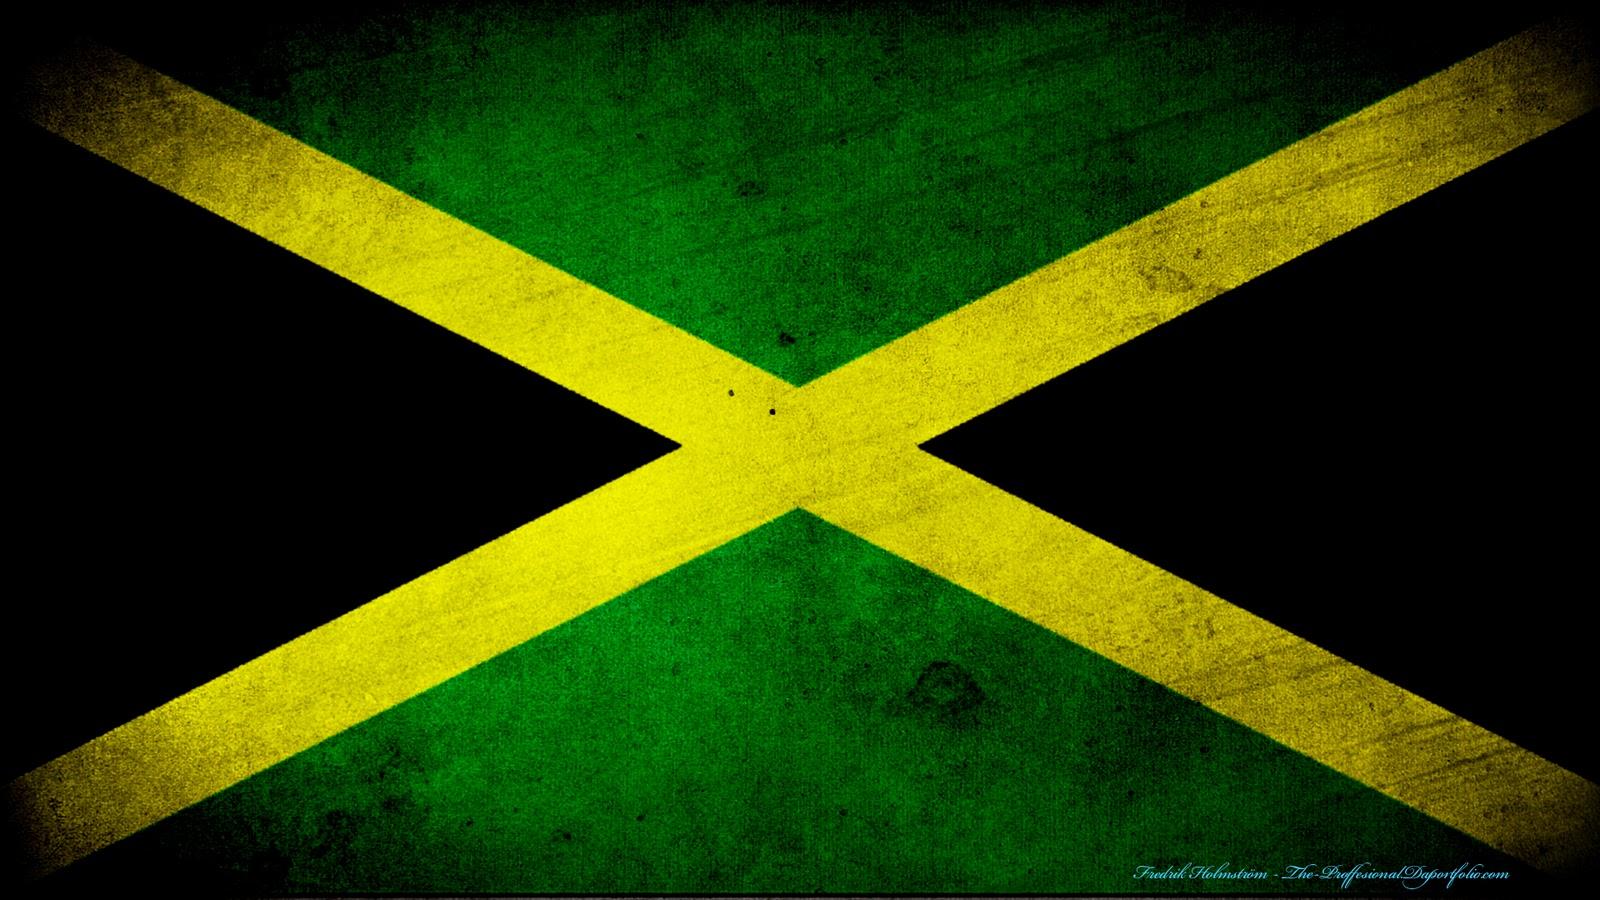 http://3.bp.blogspot.com/-gKv_d_vsrIk/TteqBcbWSpI/AAAAAAAAAHg/_GnhlT2DDDI/s1600/Jamaica_flag_grunge_wallpaper_by_The_proffesional.jpg